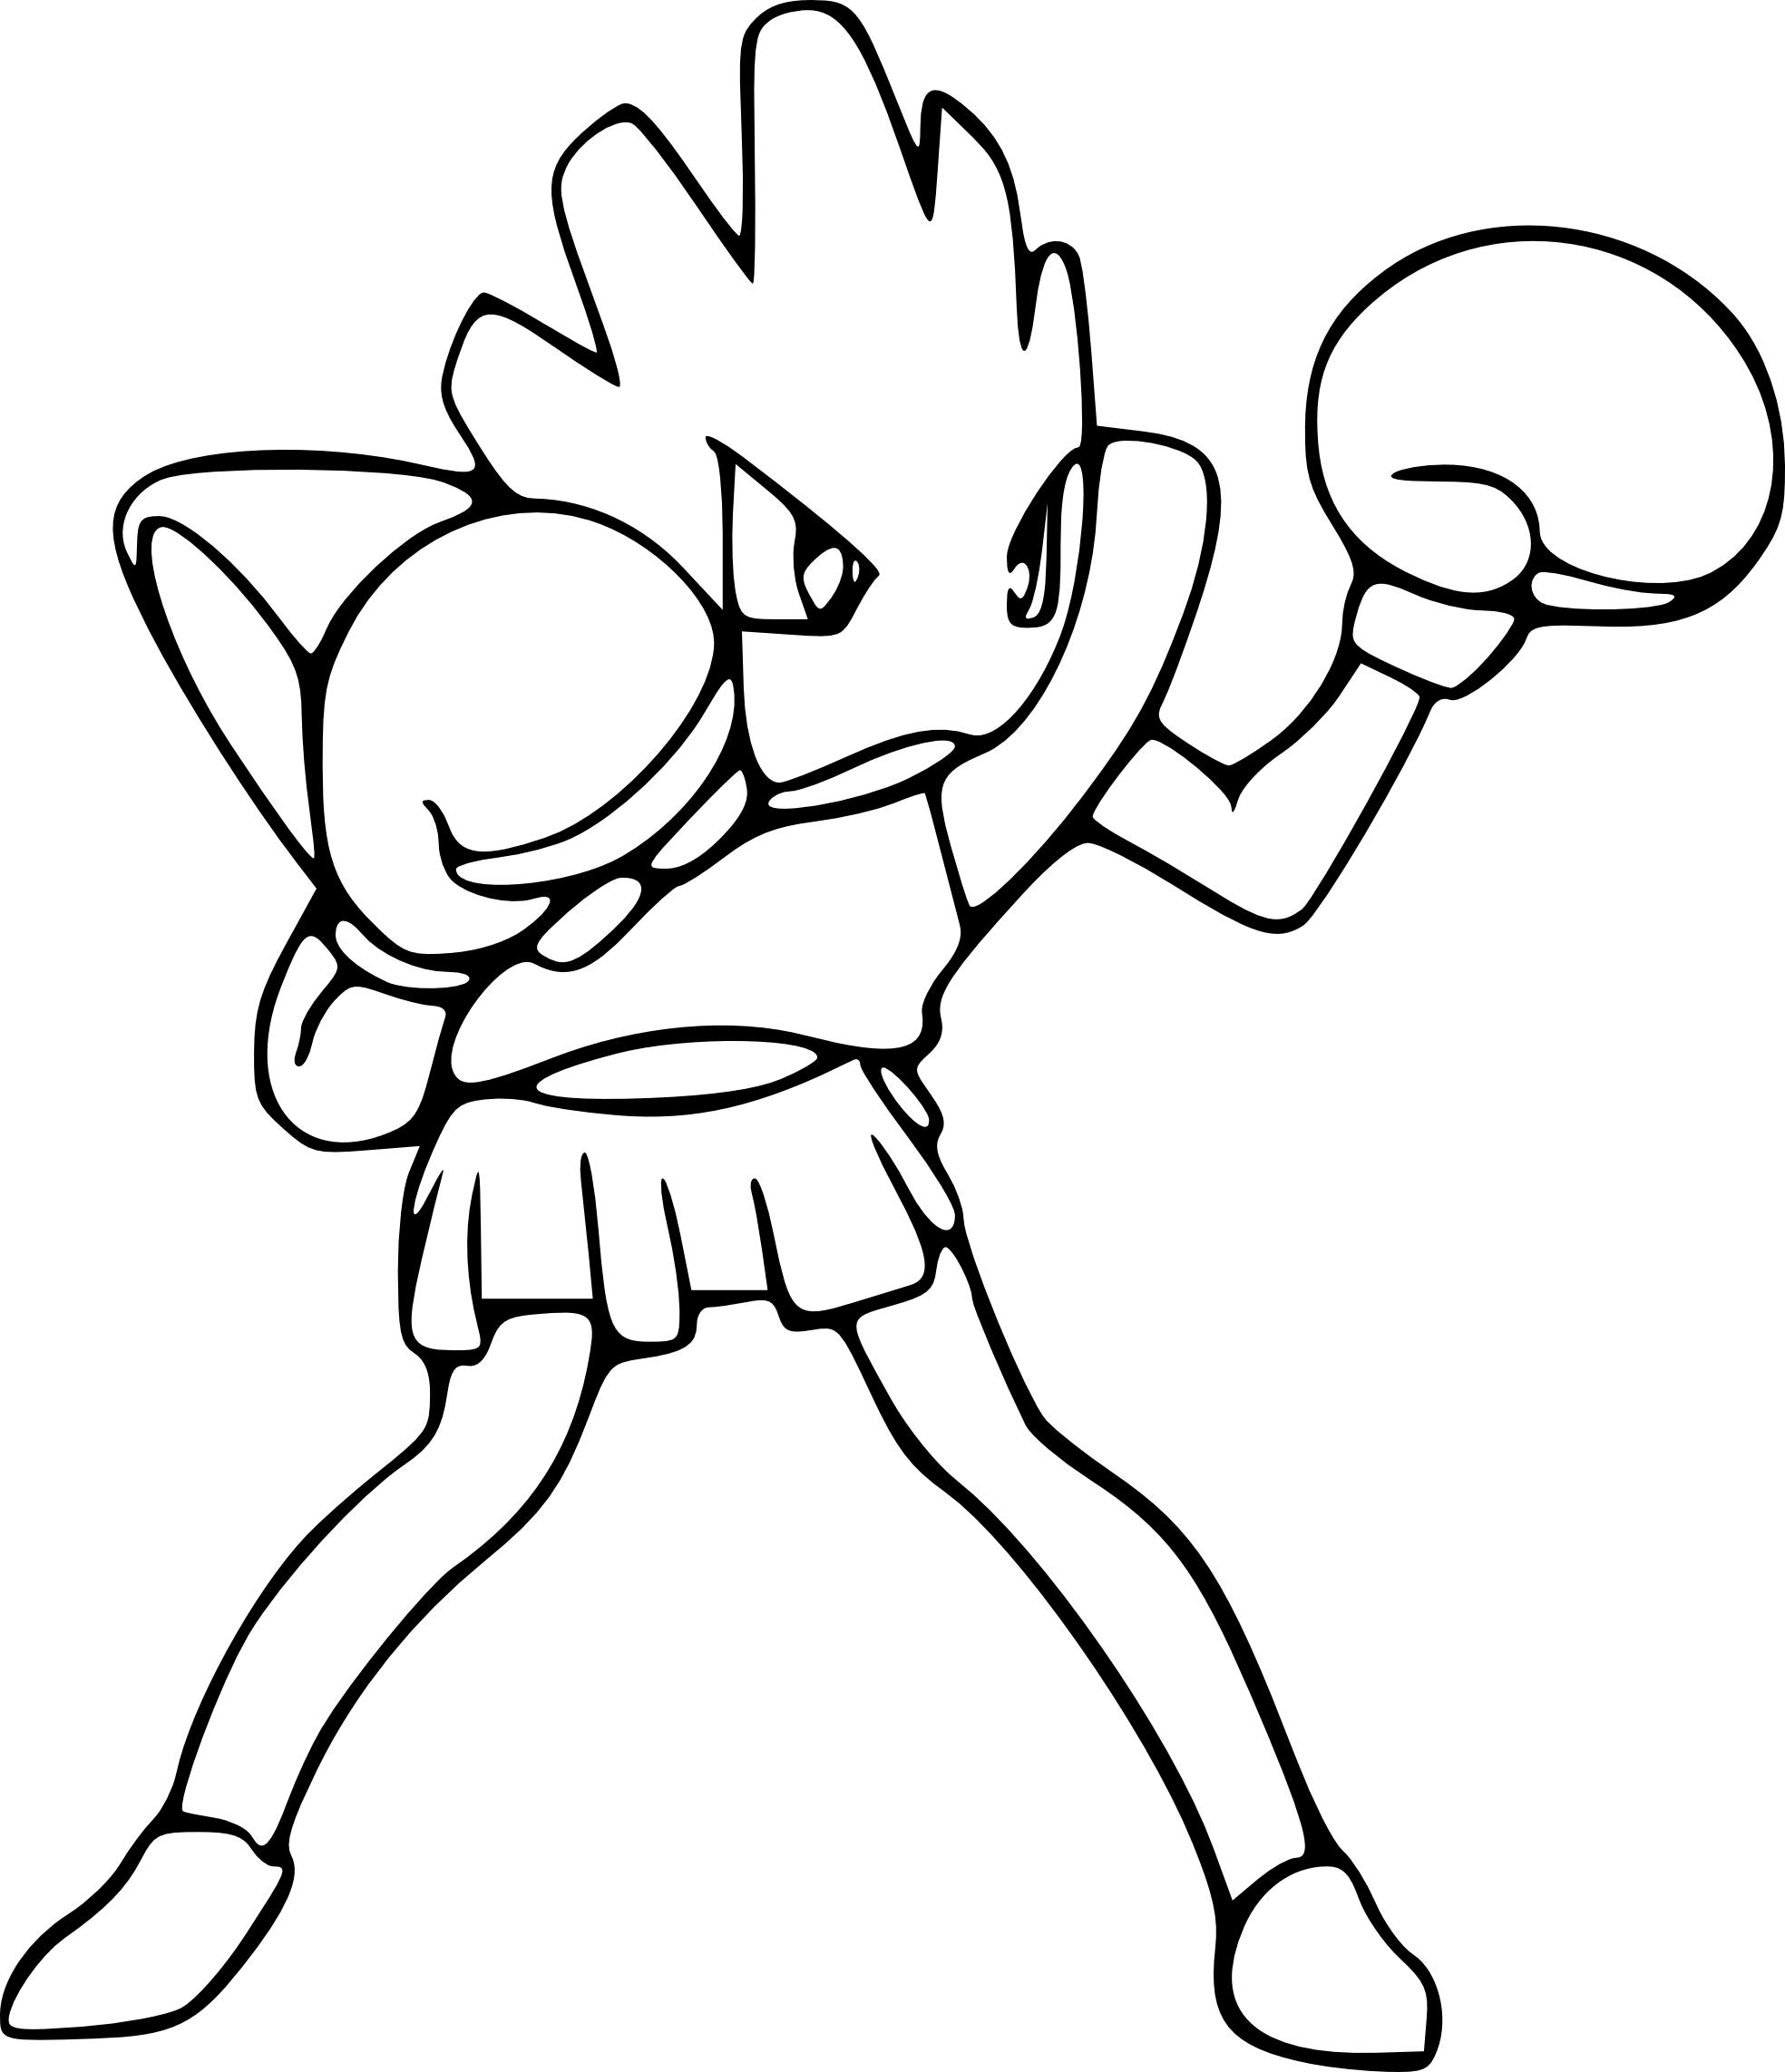 Coloriage Tygnon Pokemon 224 Imprimer